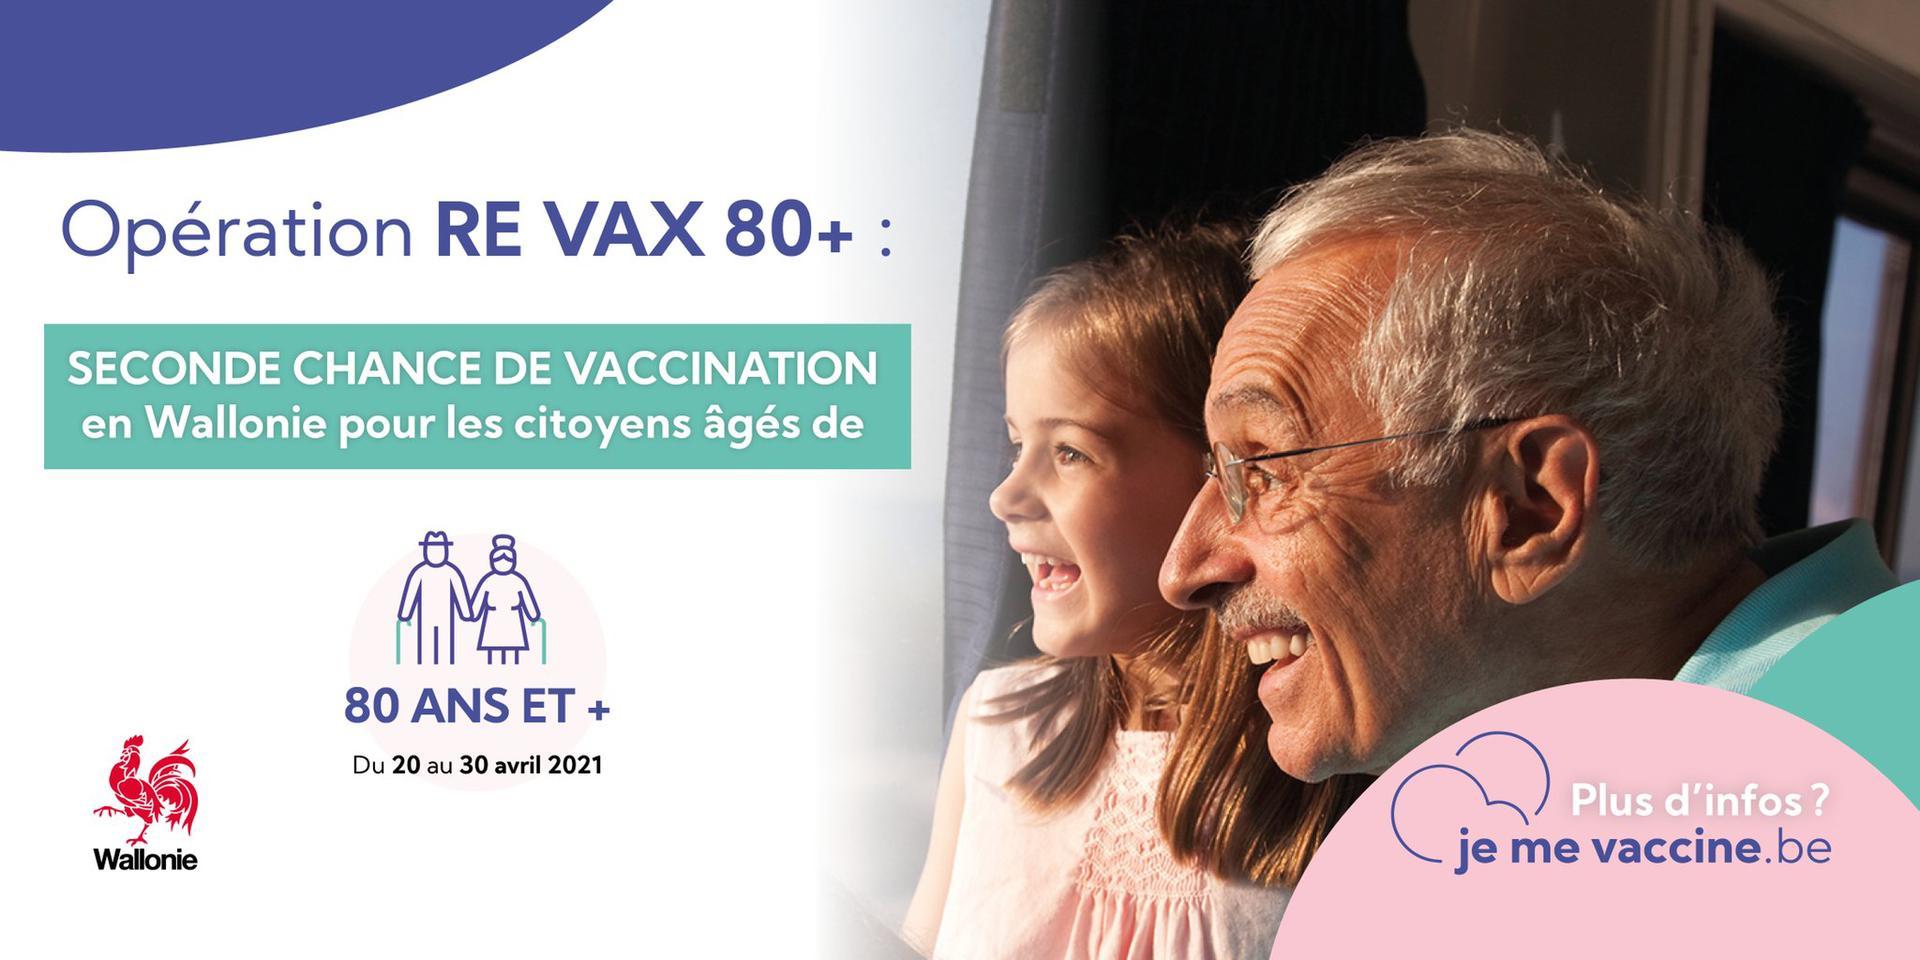 Opération « Re Vax 80+ » en Wallonie : Seconde chance de vaccination pour les citoyens âgés de 80 ans et plus